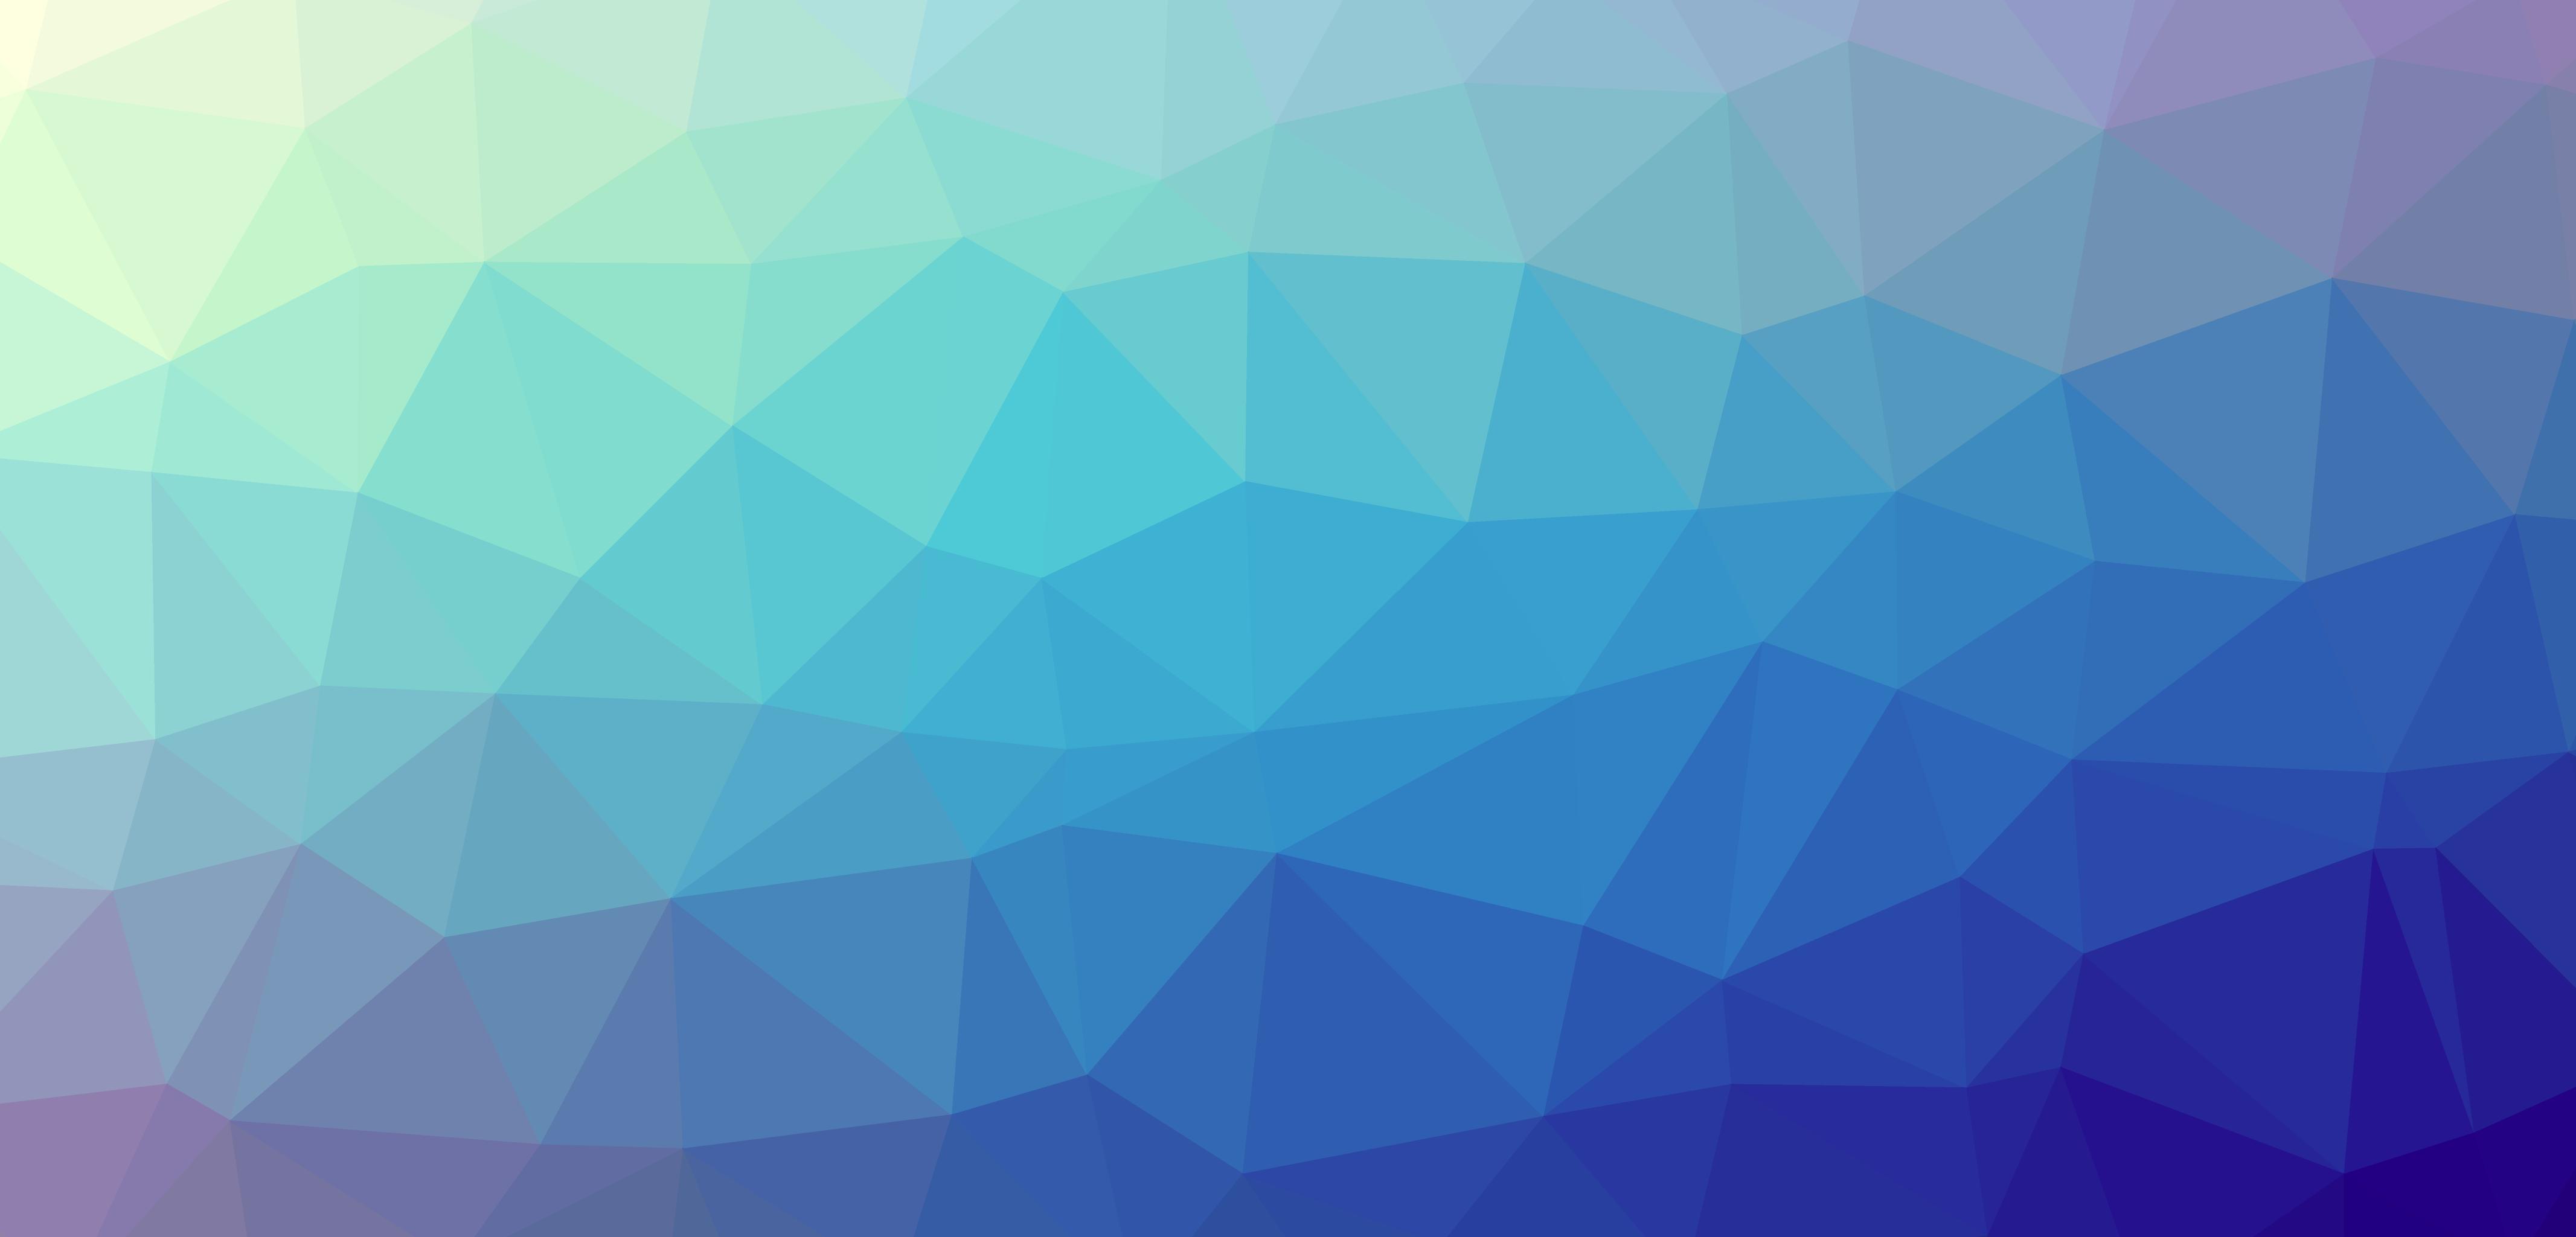 Desktop Backgrounds: Background Image, SH VM Backgrounds Collection